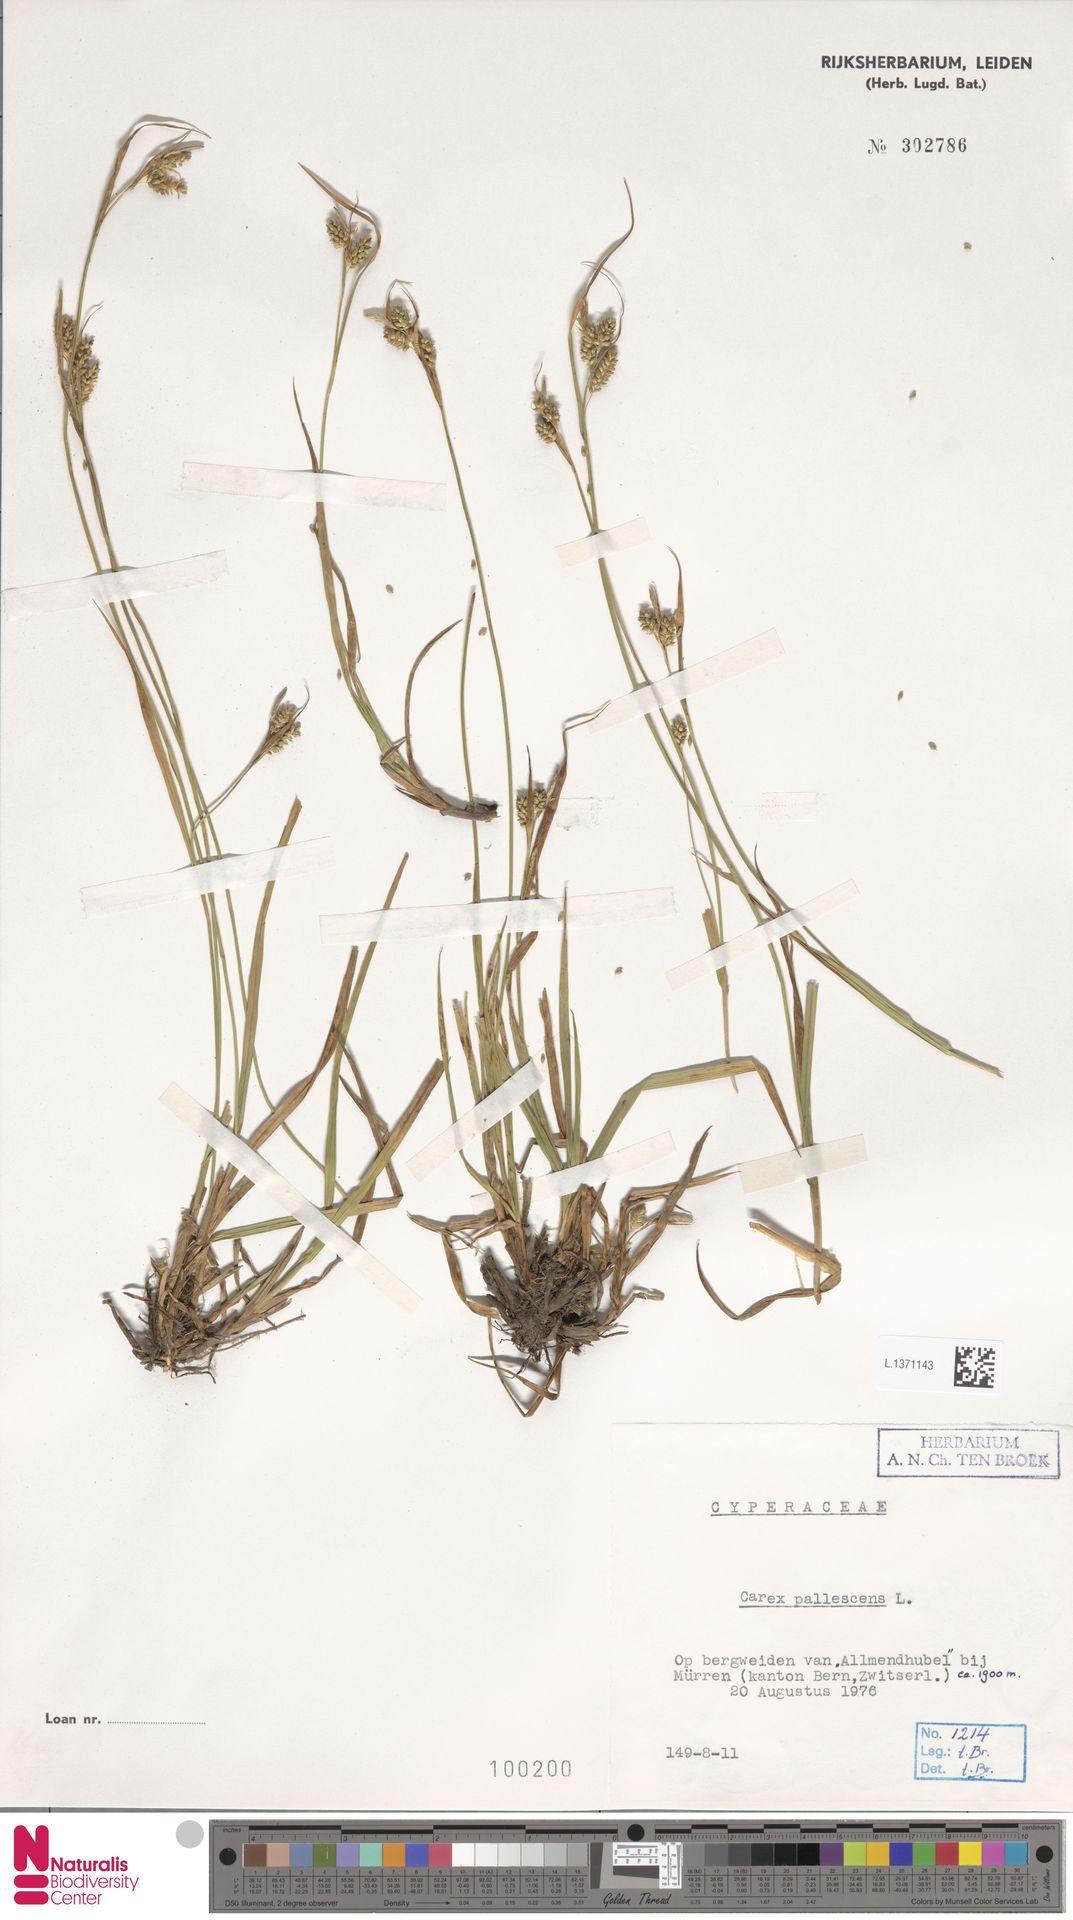 L.1371143   Carex pallescens L.